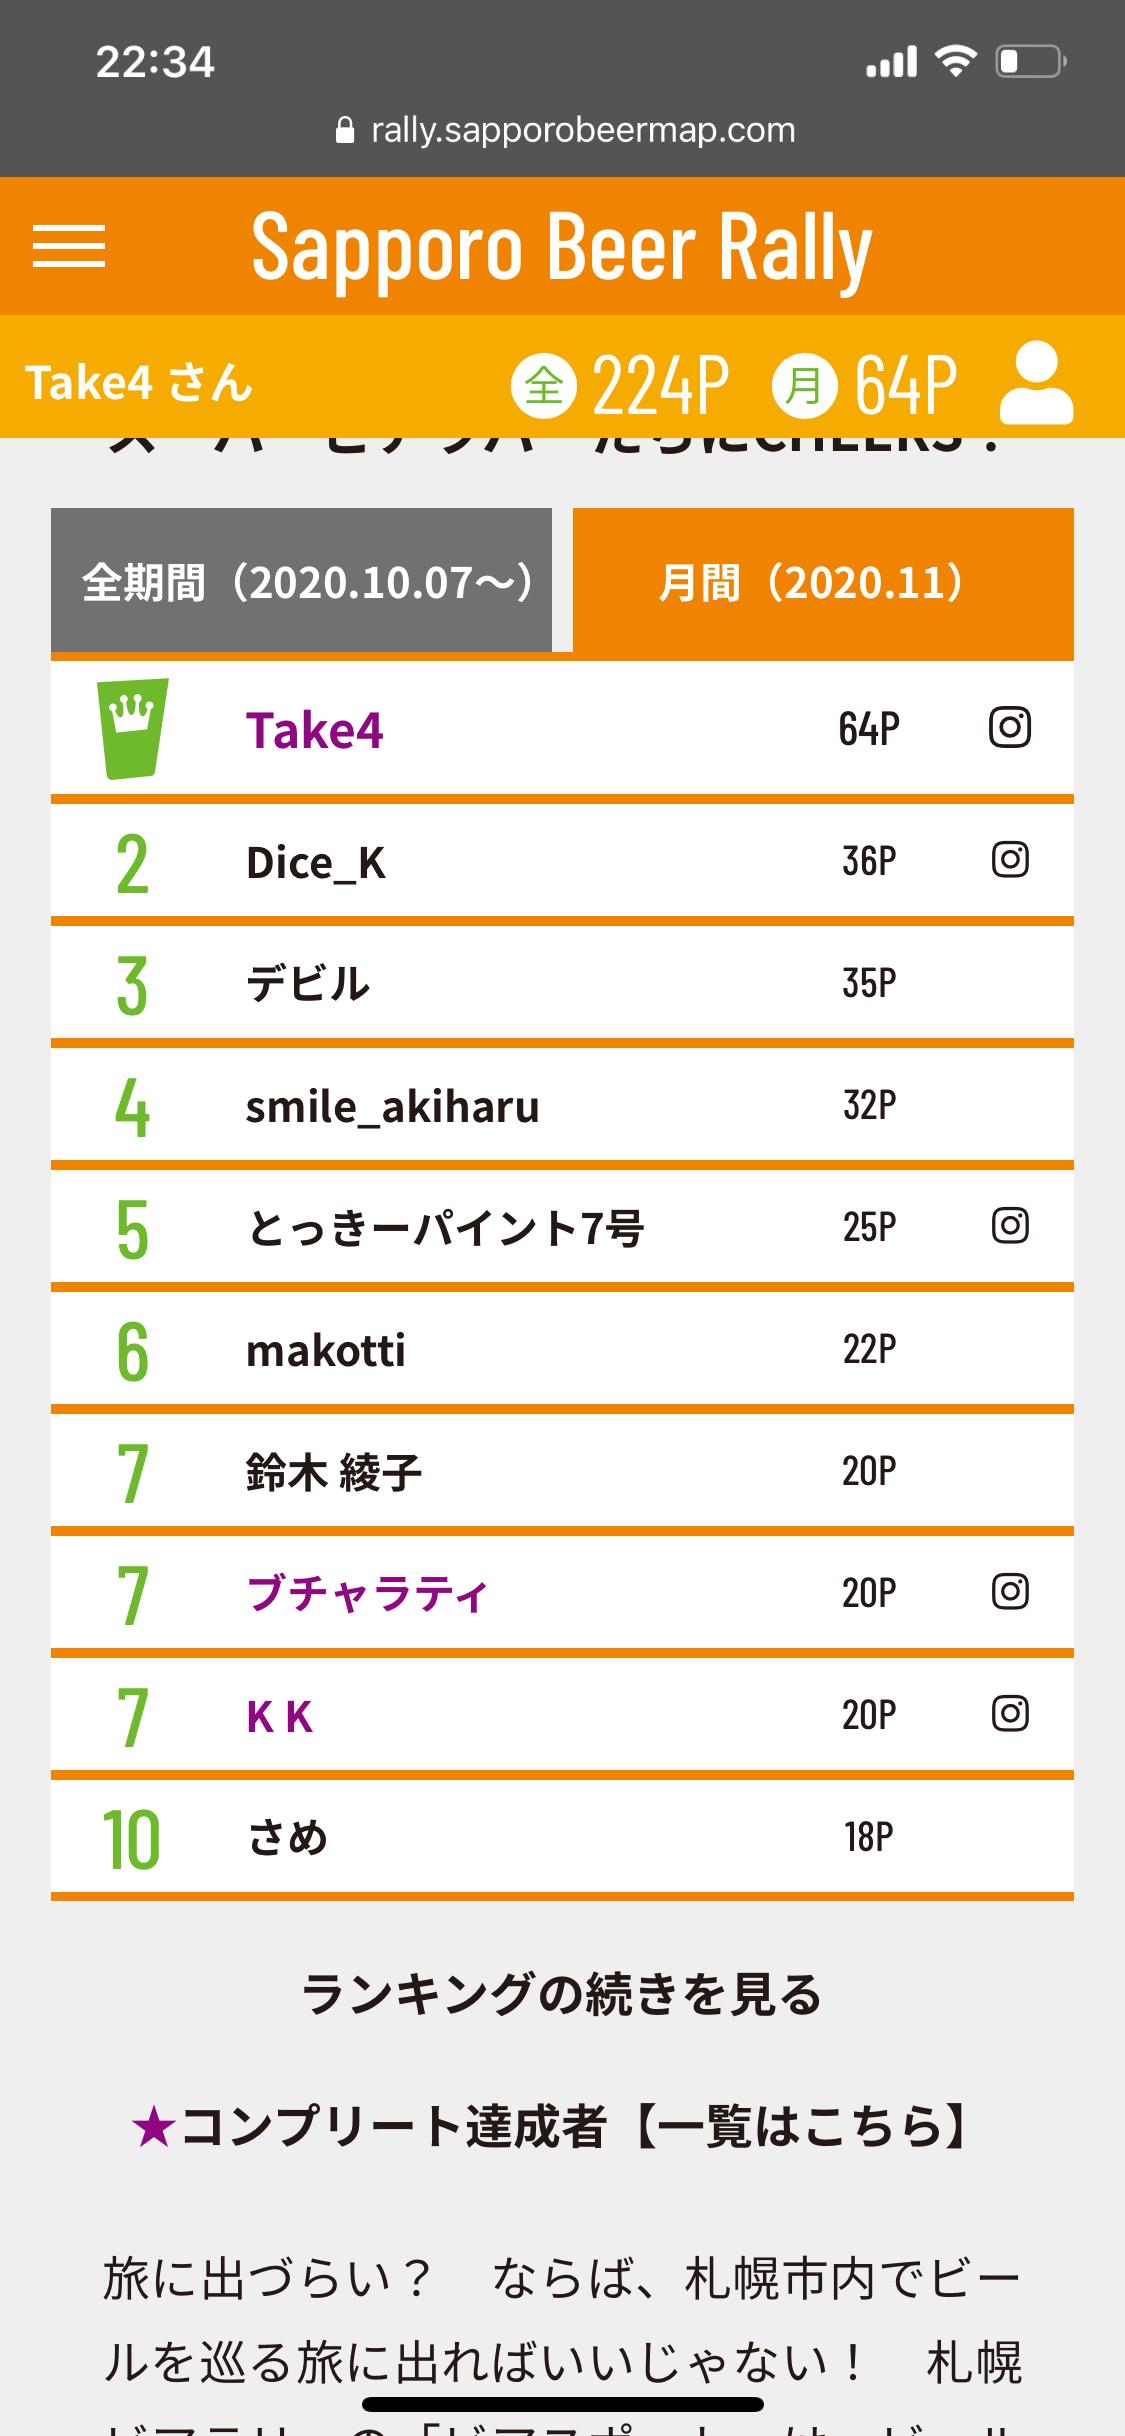 写真:札幌ビアラリーのランキング画面